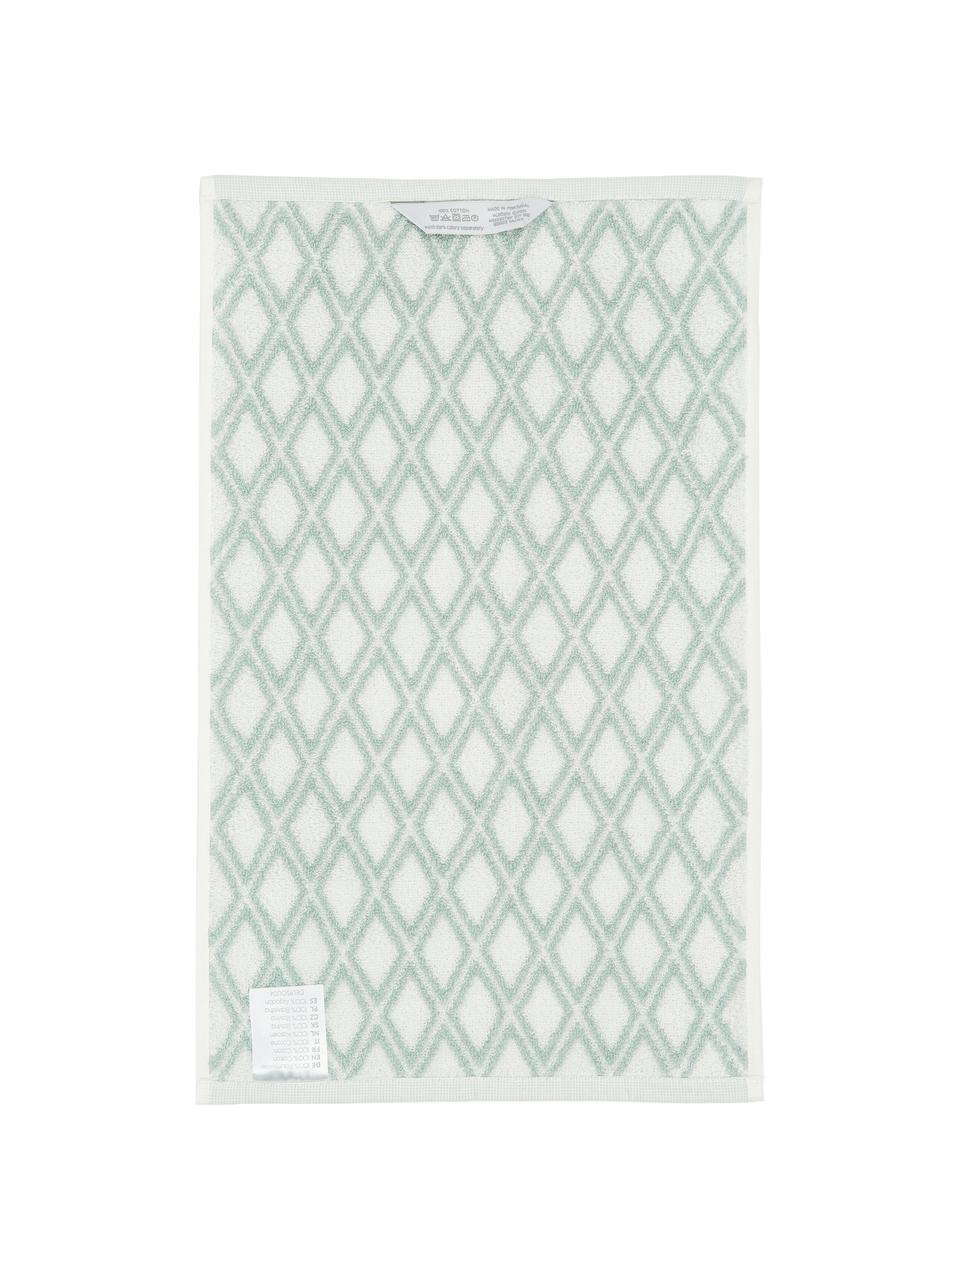 Serviette de toilette réversible en coton pur Ava, Vert menthe, blanc crème